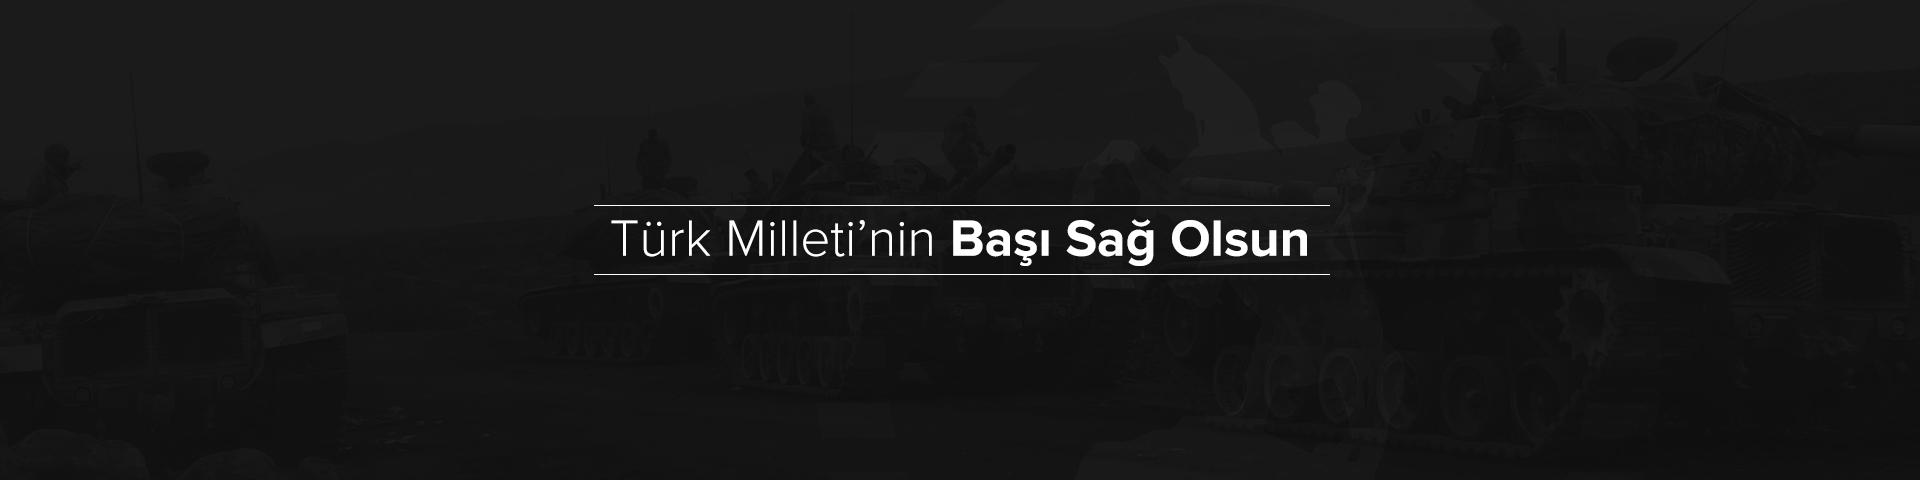 http://www.omu.edu.tr/sites/default/files/files/turk_milleti039nin_basi_sag_olsun/turkmilletinin-basisagolsun-slider.jpg